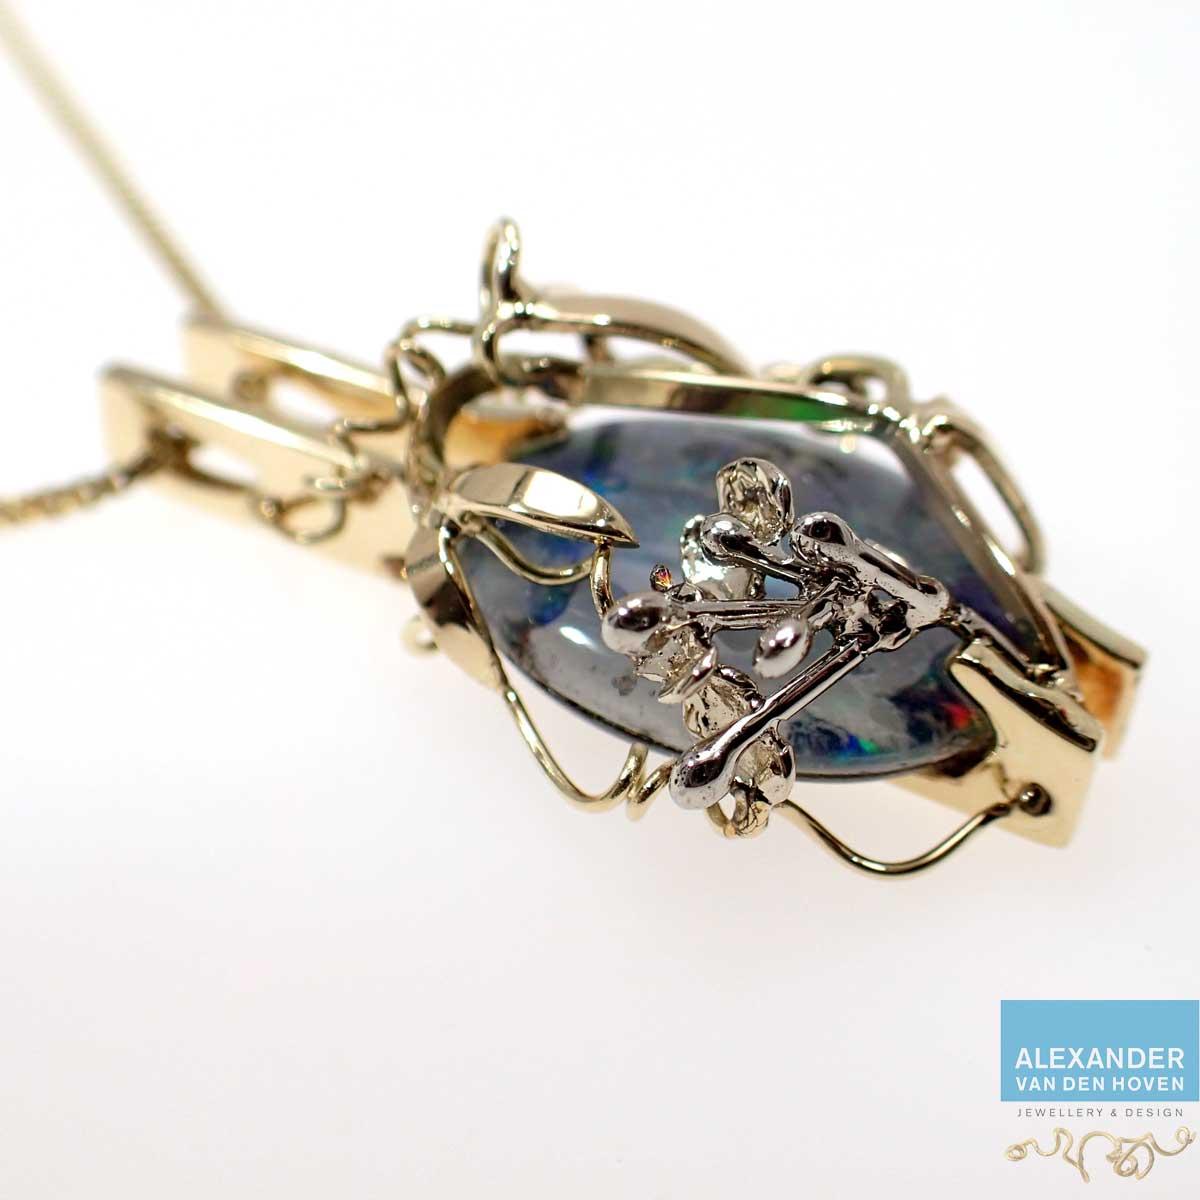 hangertje-met-opaal-en-lathyrus-takje